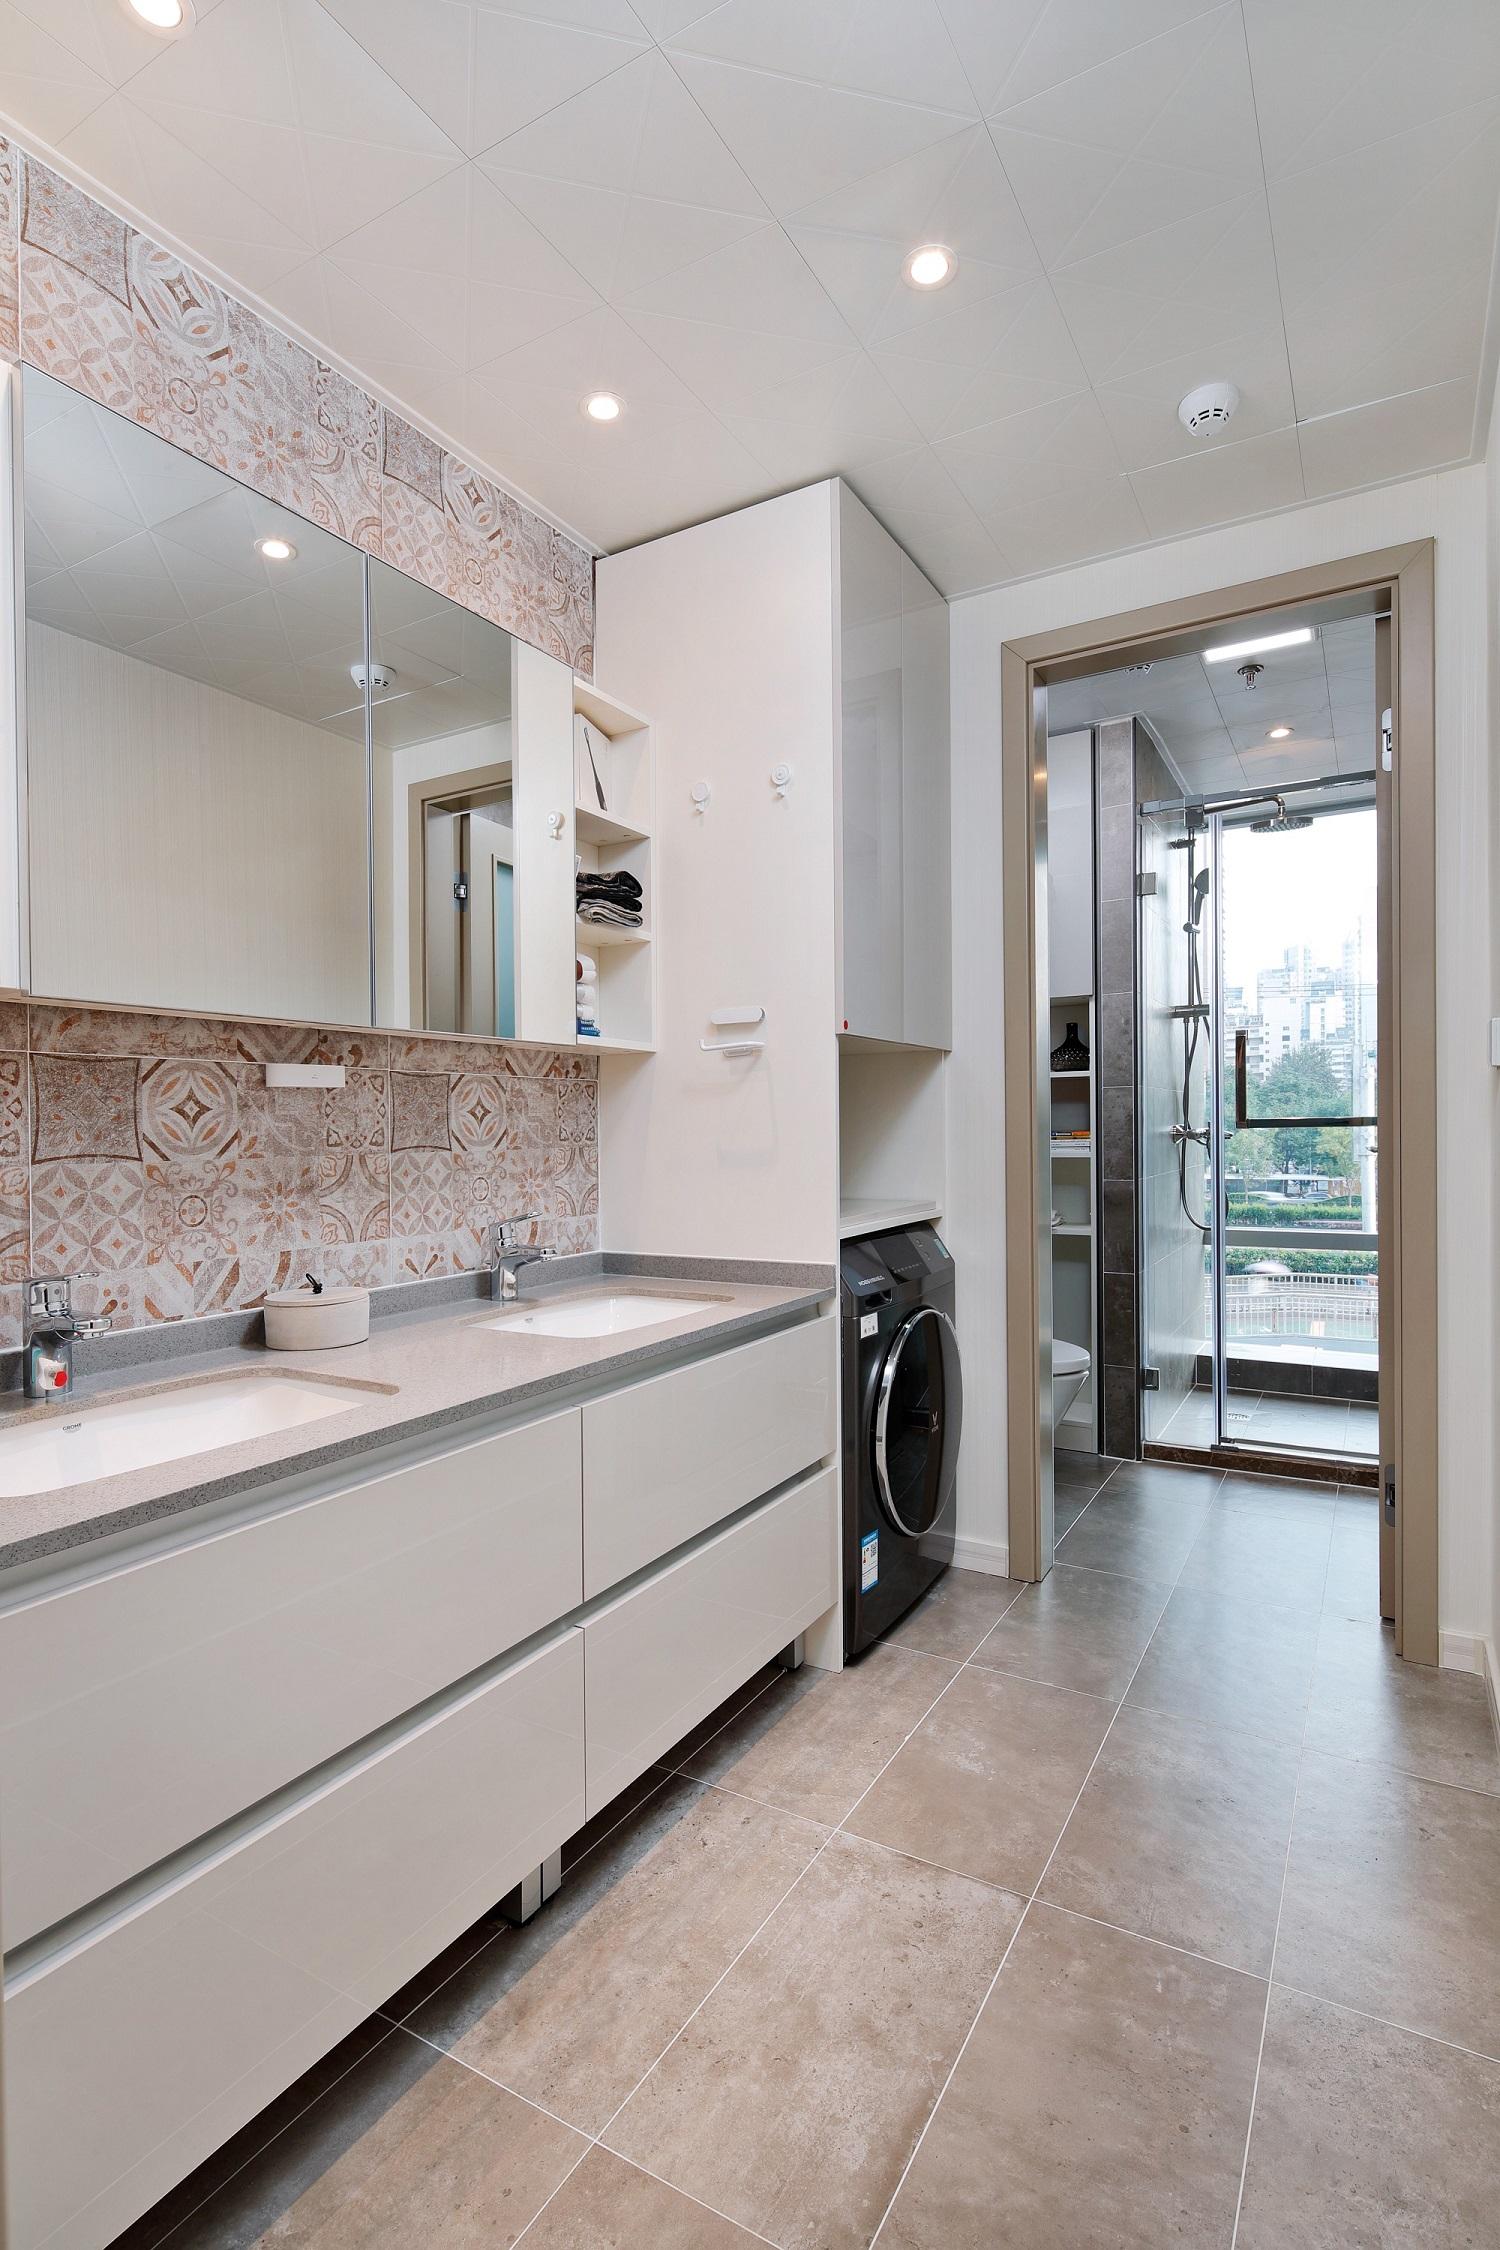 卫生间采用了三分离设计,整体效果更加环保卫生。地柜+顶柜+壁龛等超强收纳设计,让杂乱不再有!